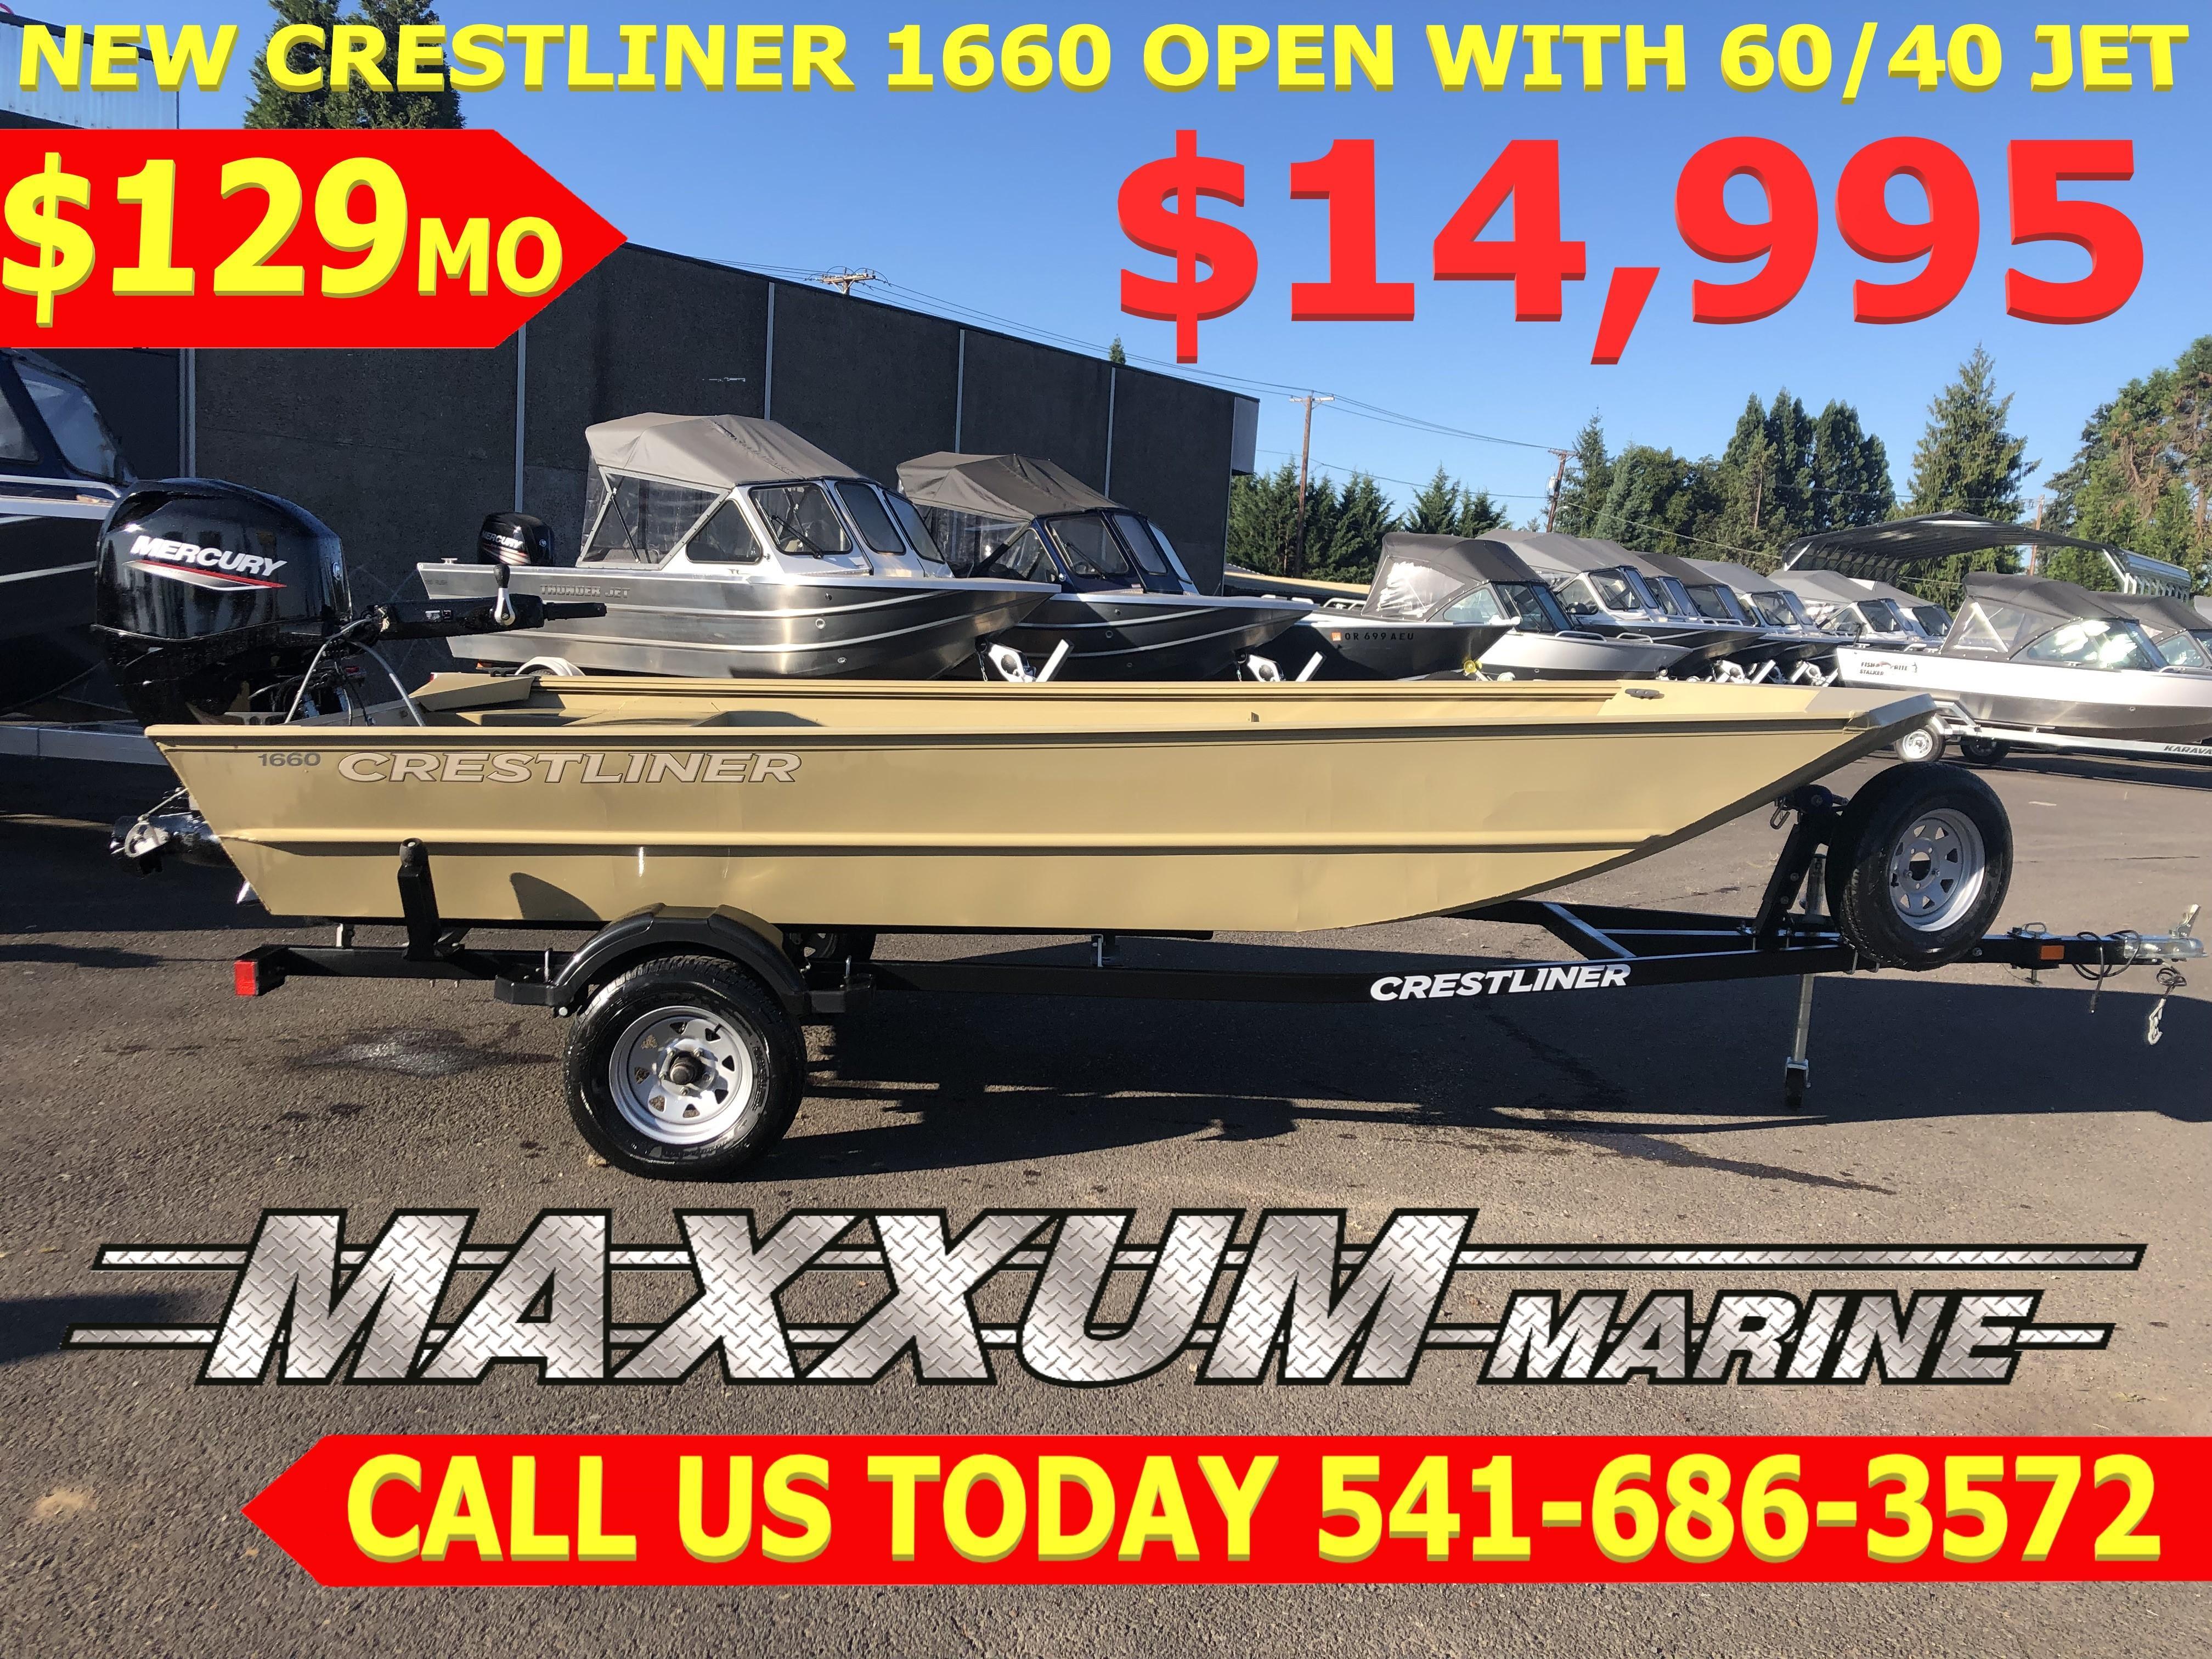 2018 Crestliner 1660 Eugene, Oregon - Maxxum Marine